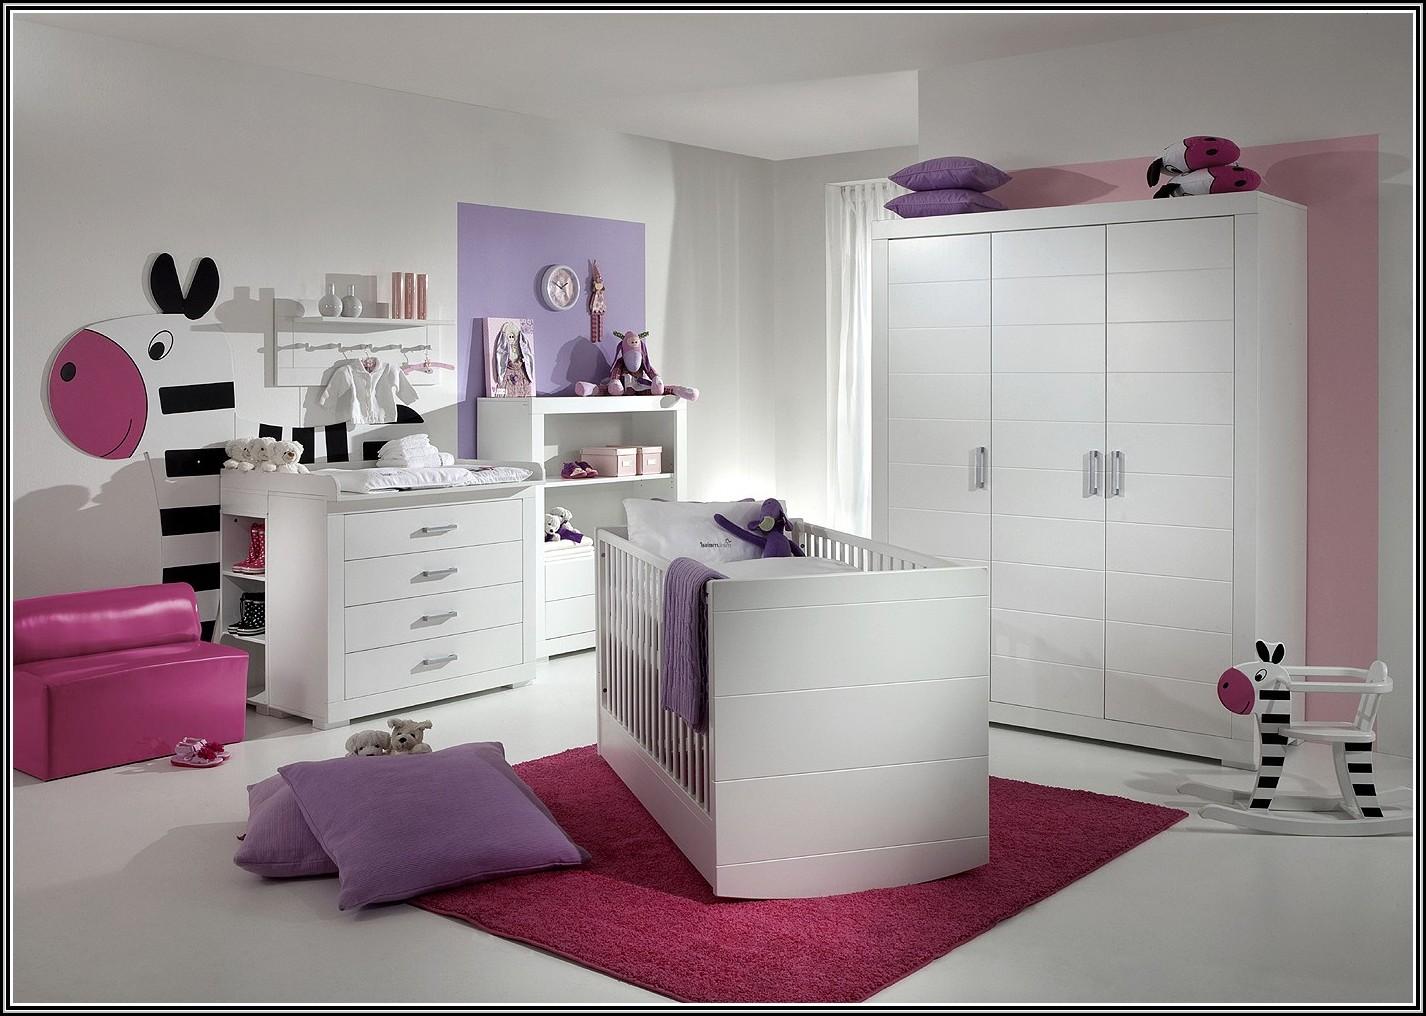 Mini meise kinderzimmer gebraucht kinderzimme house und dekor galerie pbw40newx9 - Kinderzimmer gebraucht ...